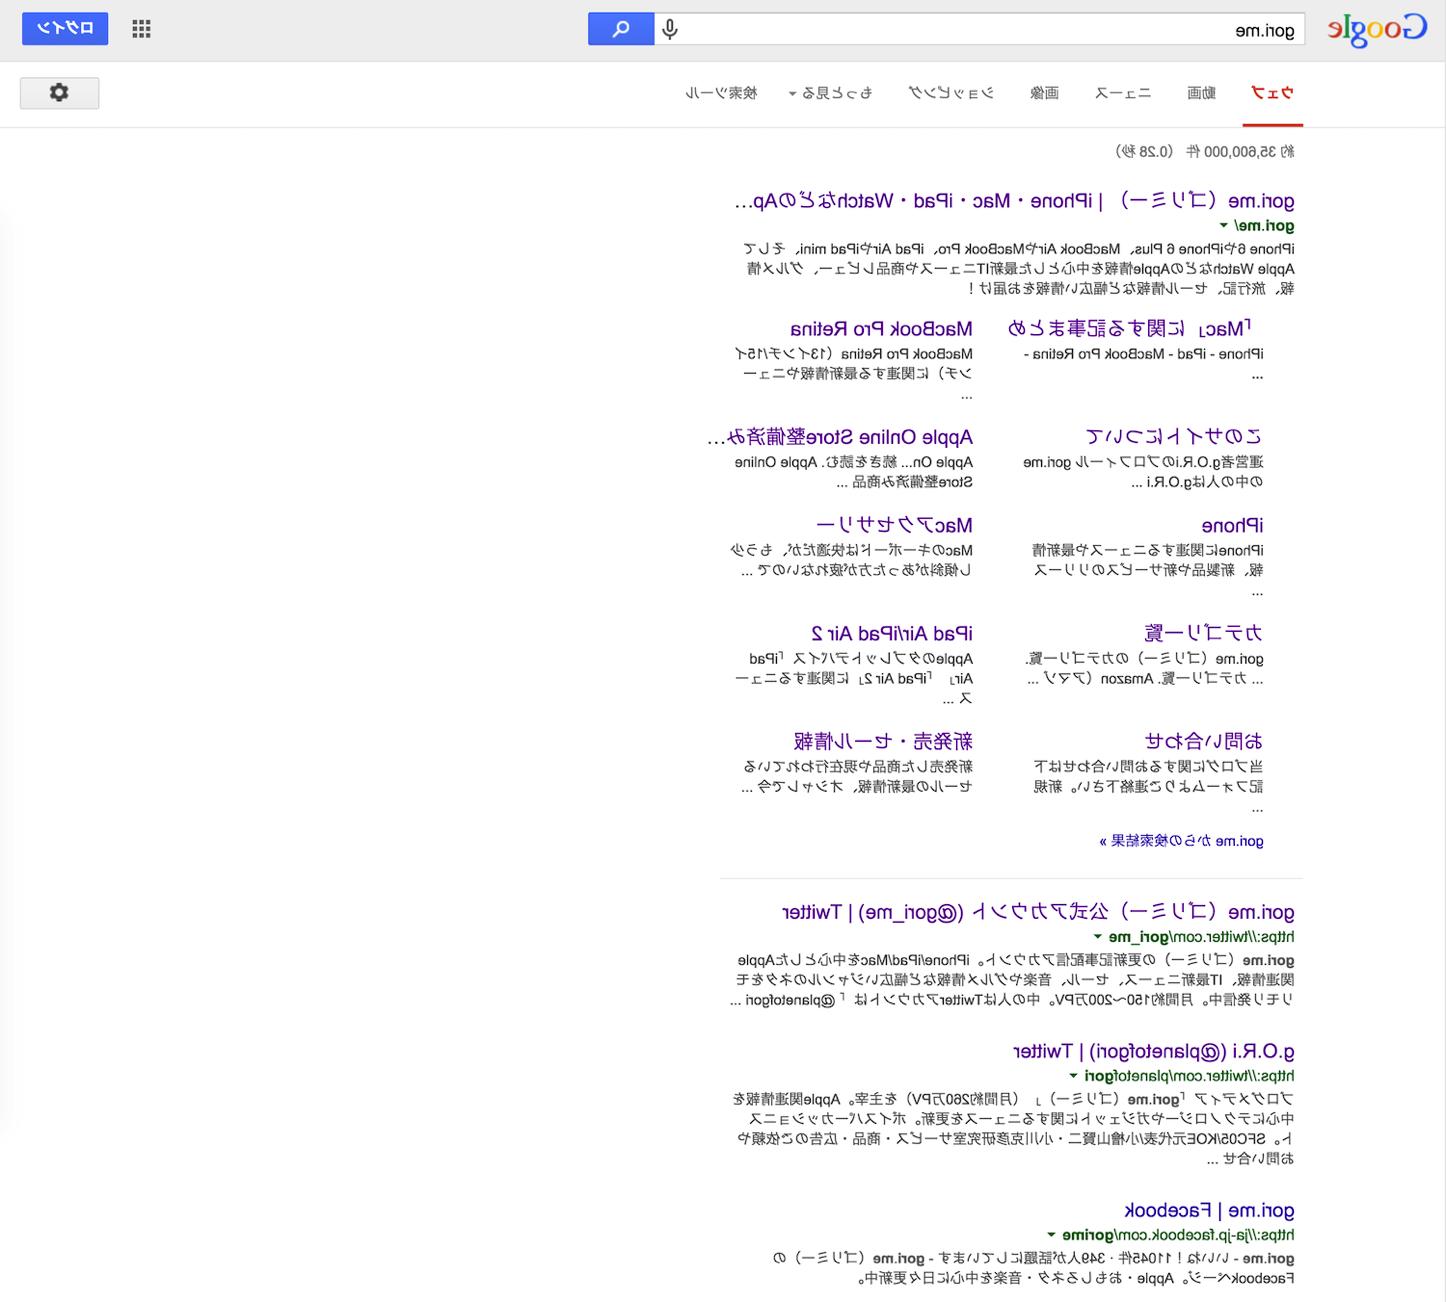 Com google